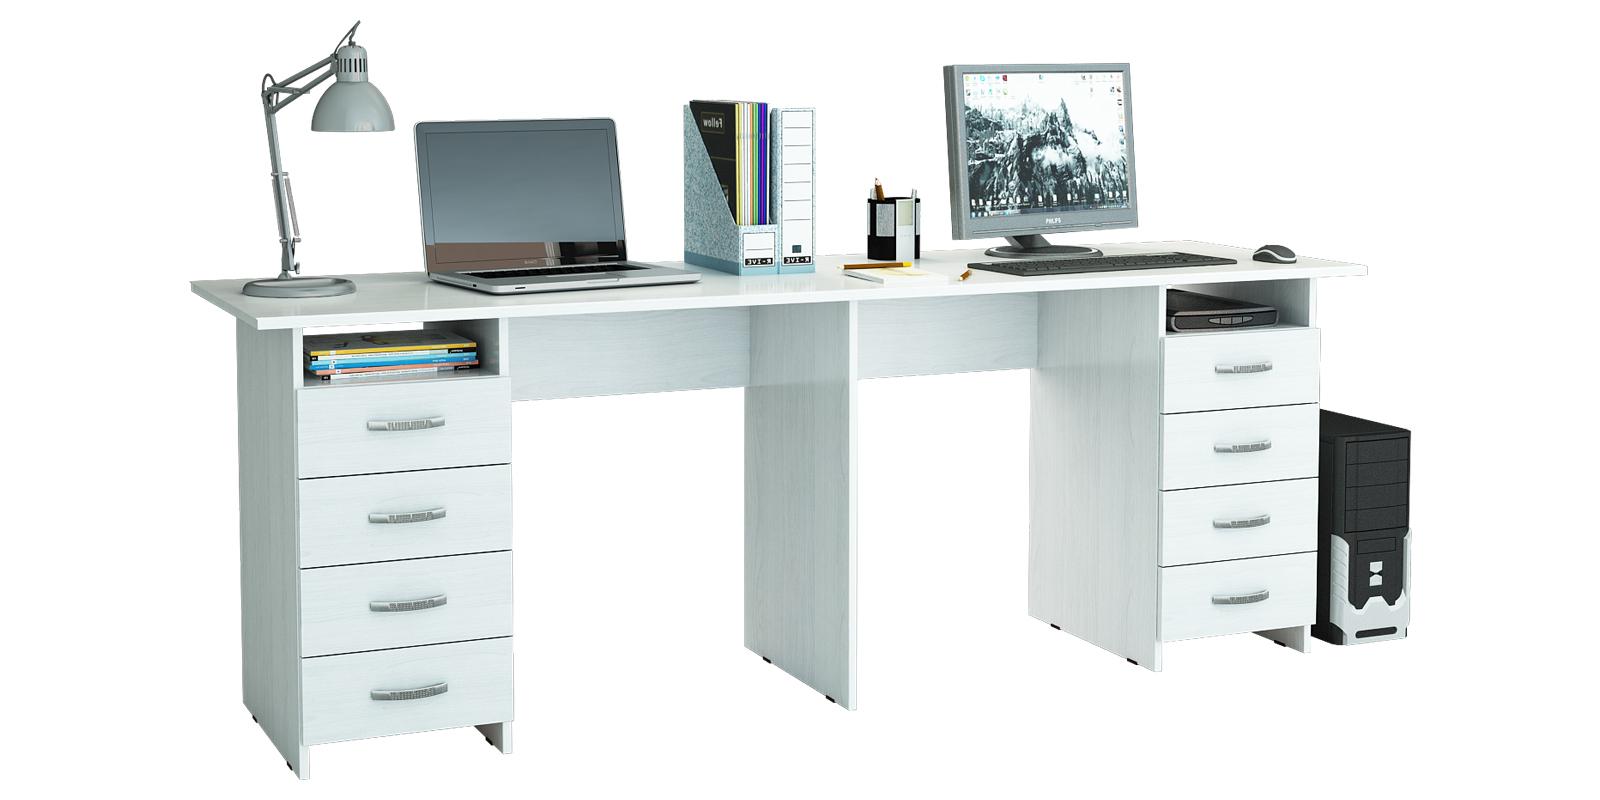 Стол письменный кейптаун вариант 3 (белый) кейптаун столы и .